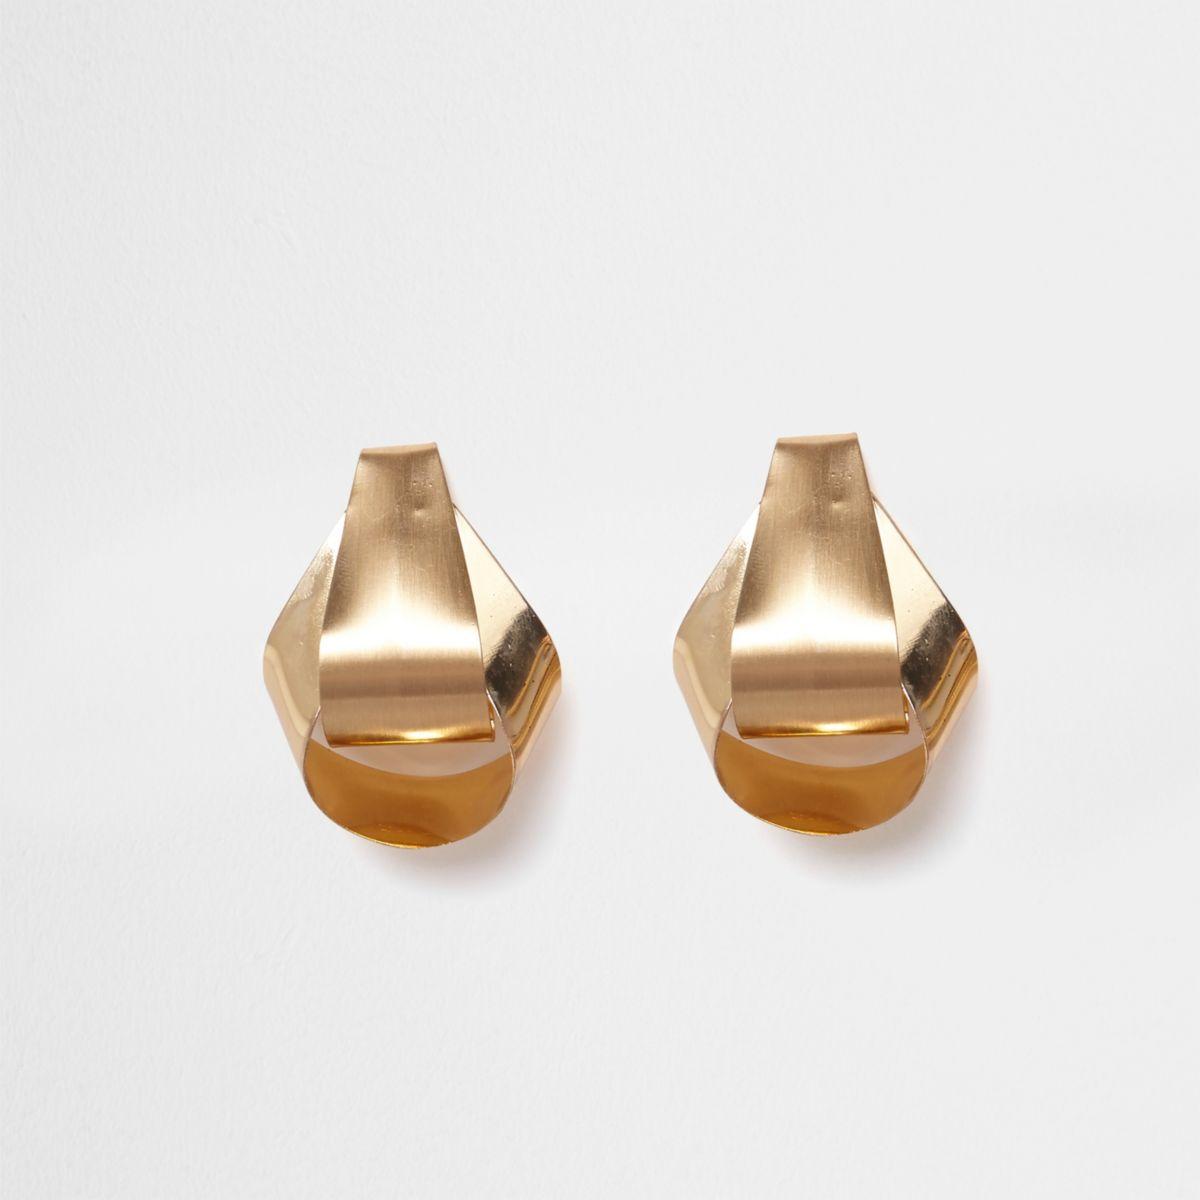 Gold tone folded stud earrings